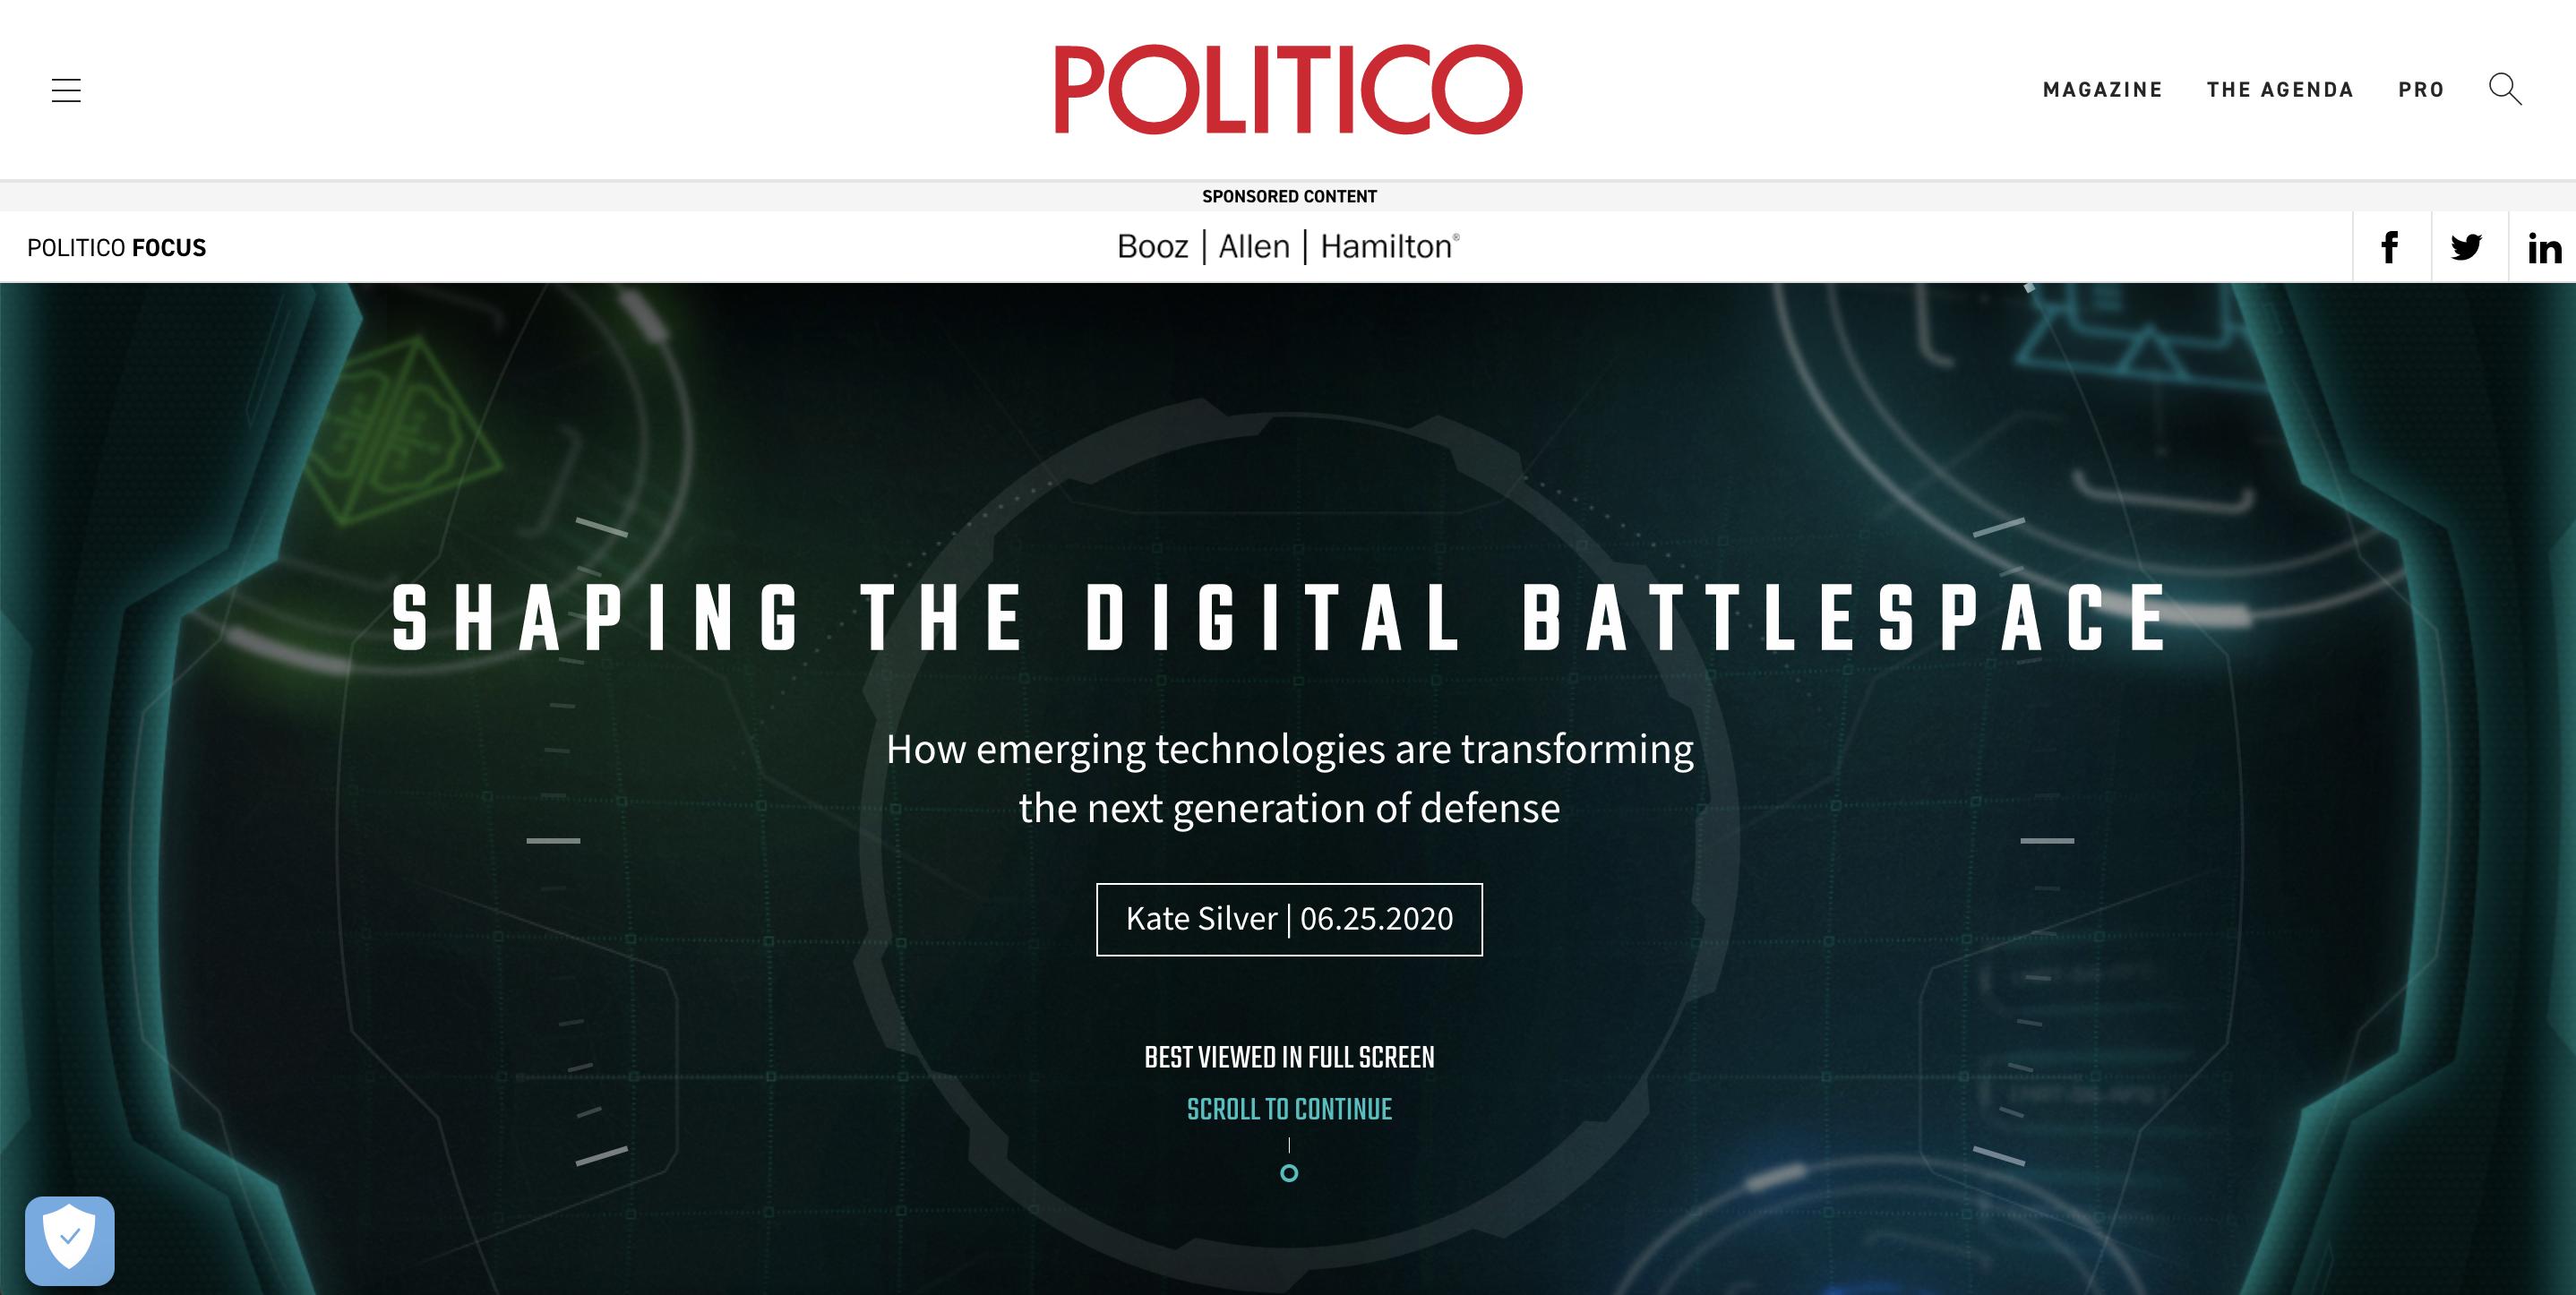 Branded content by Booz Allen Hamilton on Politico